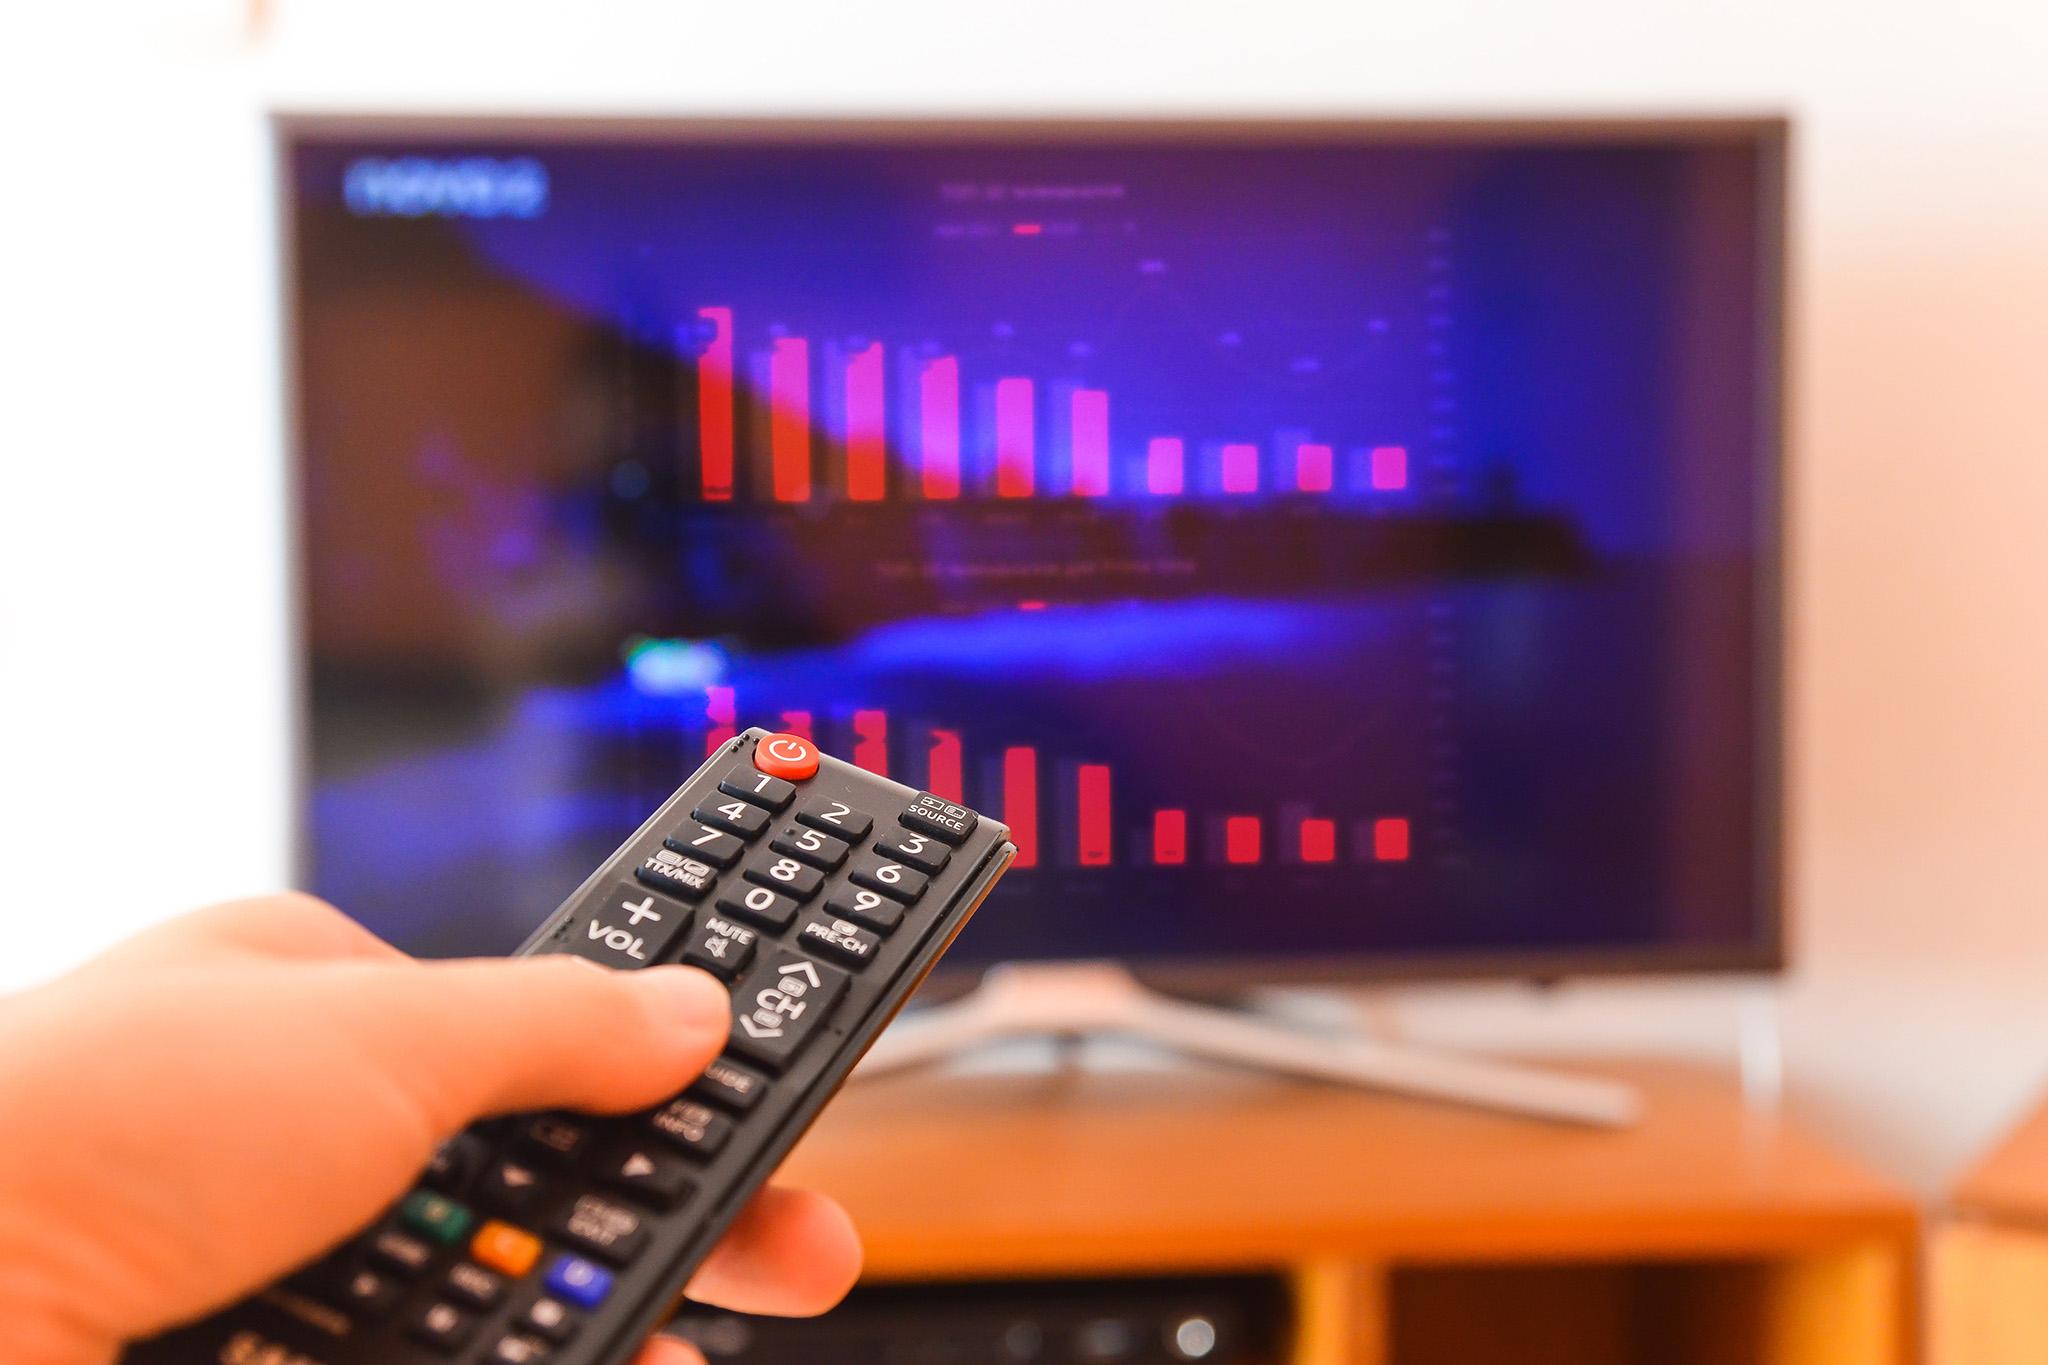 📈📺 Ценовой прыжок. Почему у провайдеров растут цены на ТВ-услуги